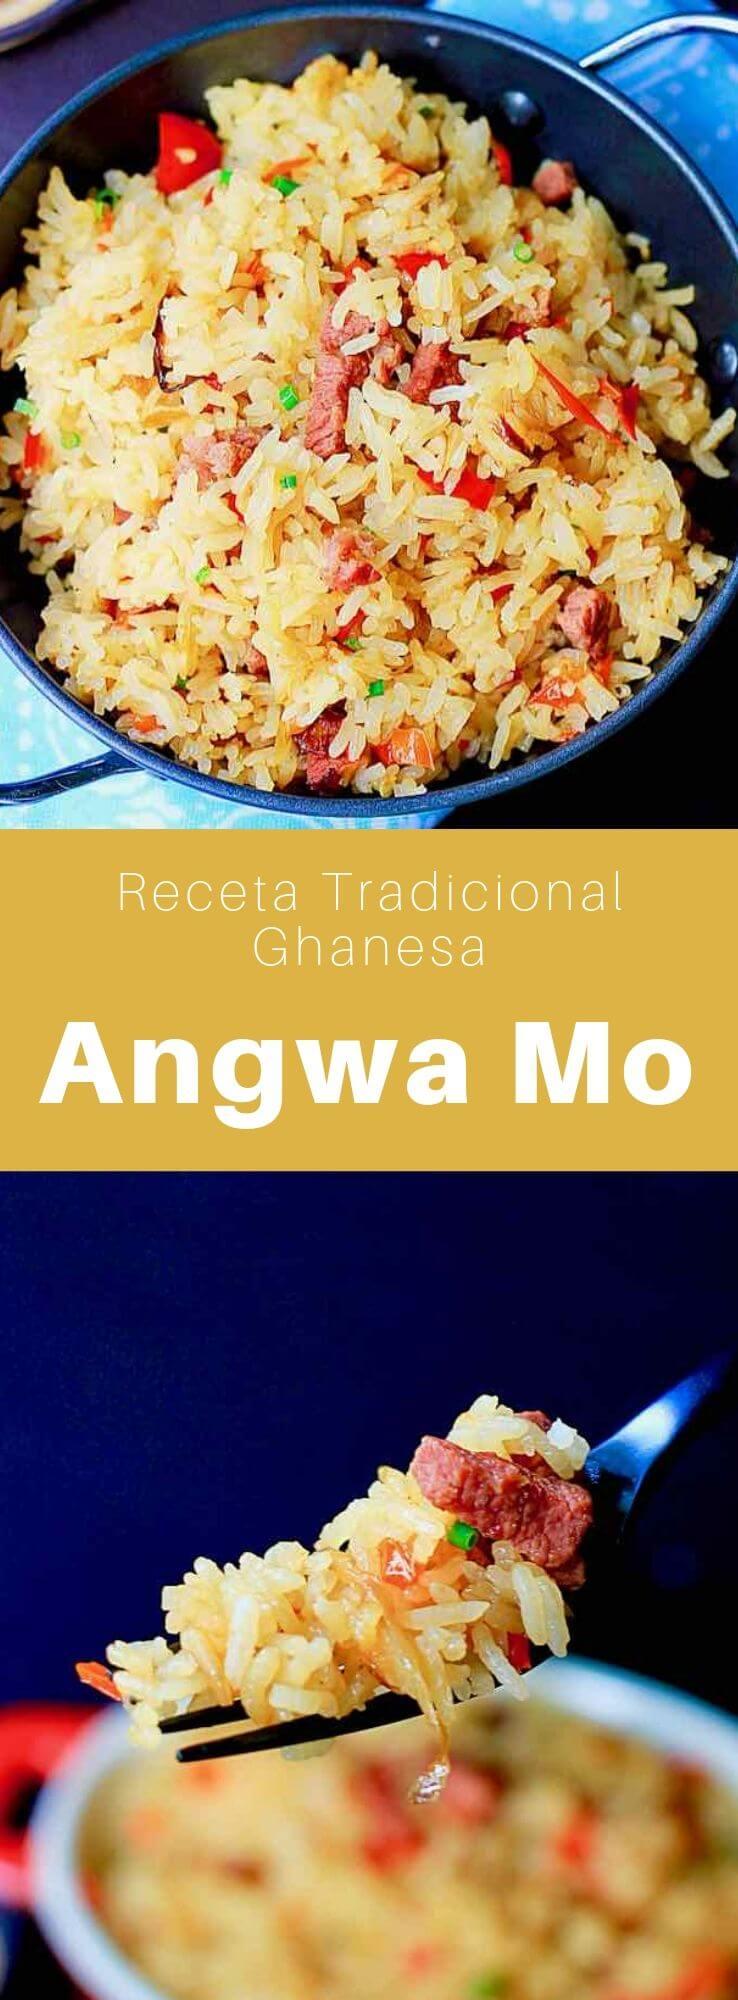 El angwa mo (o angwamu) es un delicioso plato tradicional de Ghana que consiste en arroz frito que a menudo se cocina con carne de res salada (tolo beef).